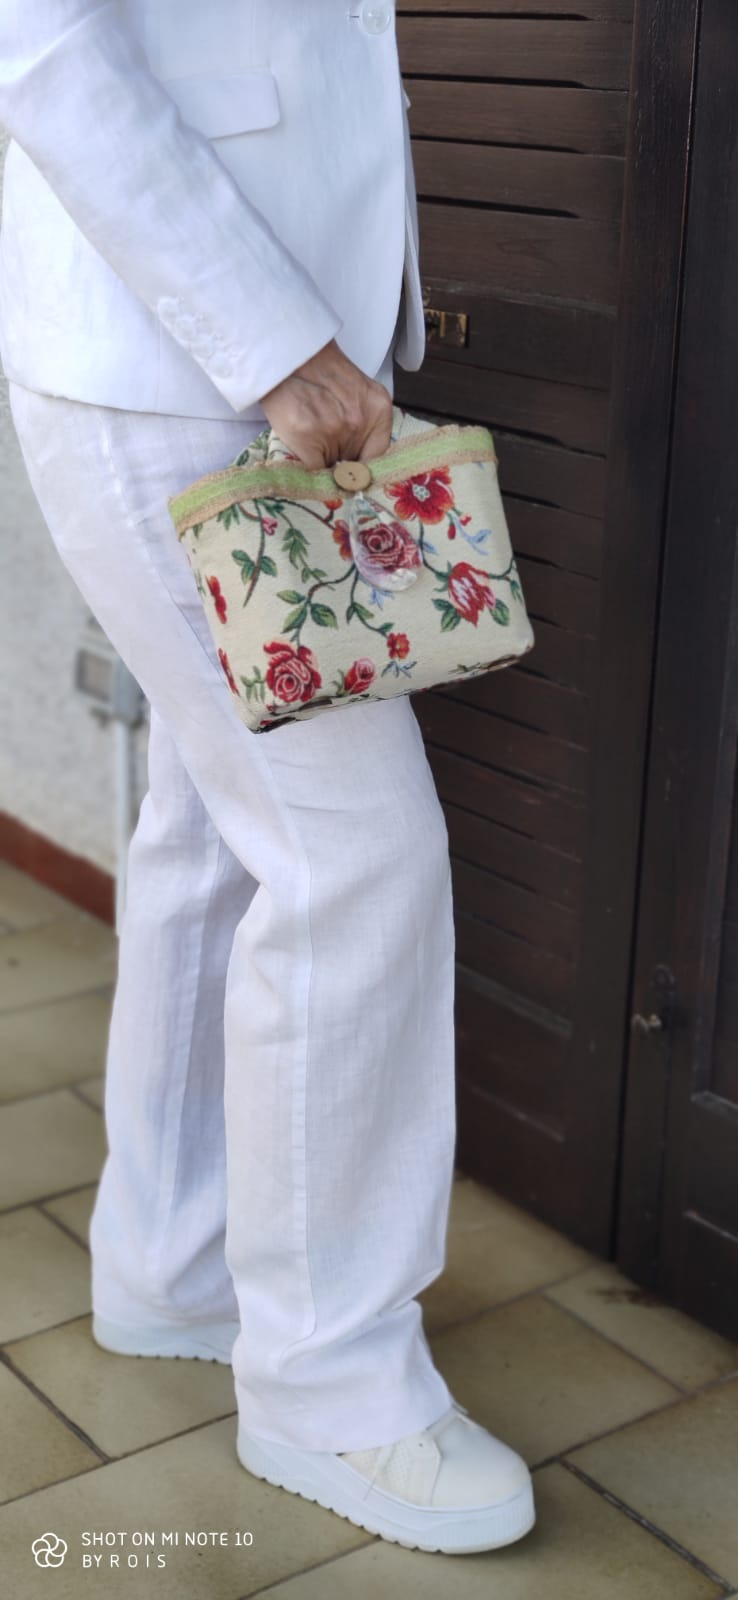 bag-gobelin-jacquard-borsa-riciclo-chiusura-gioiello